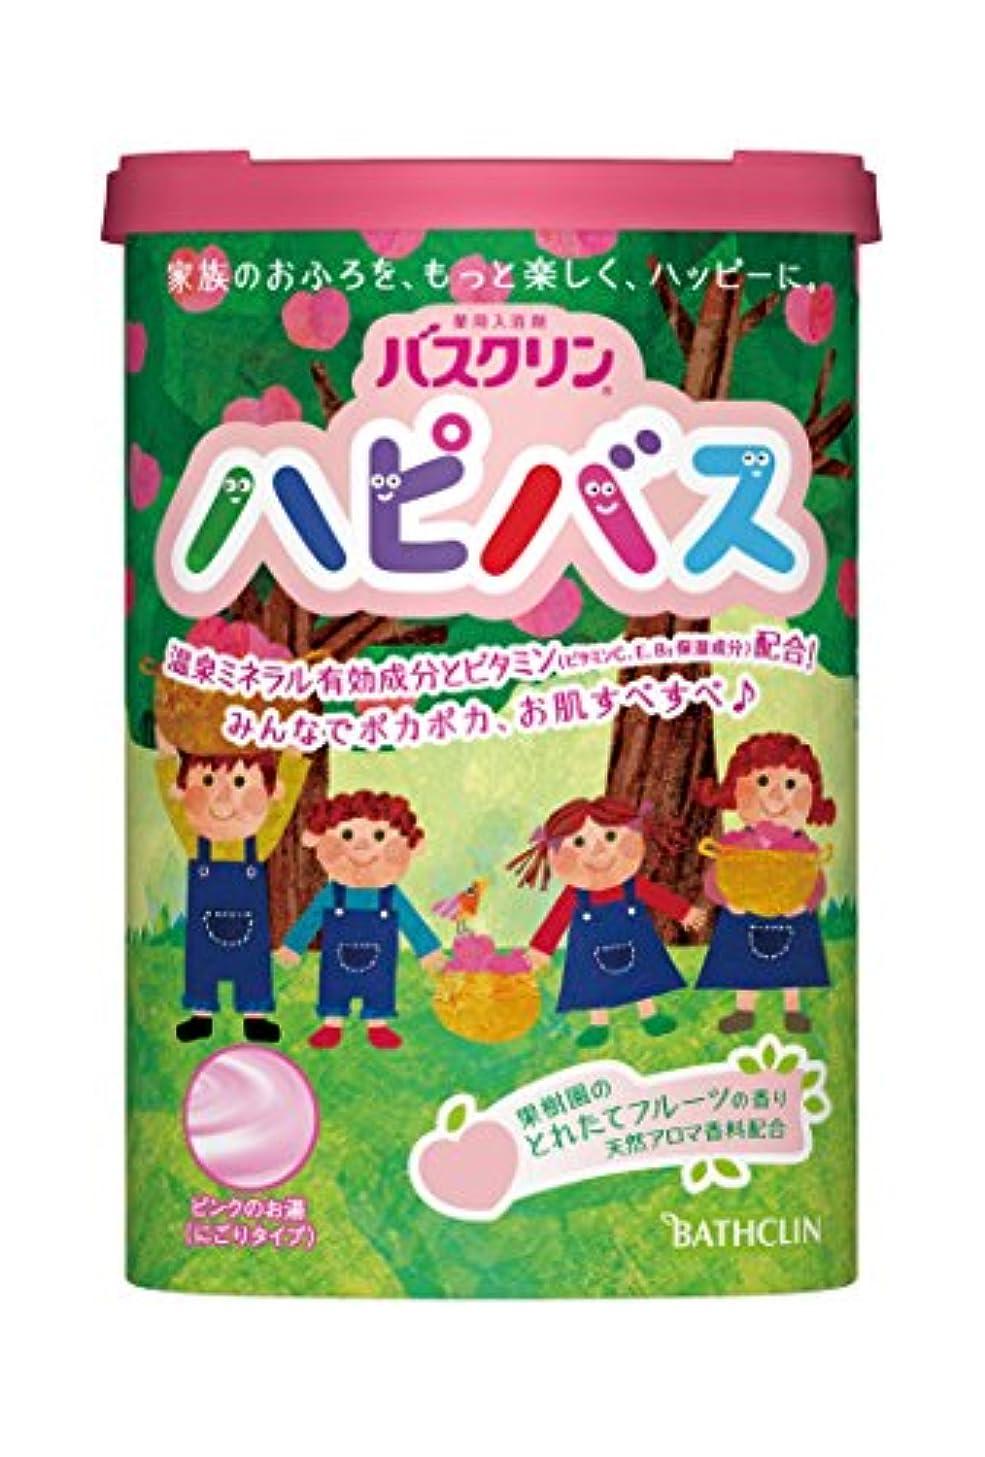 バスクリン ハピバス 果樹園のとれたてフルーツの香り 600g にごりタイプ 入浴剤 (医薬部外品)